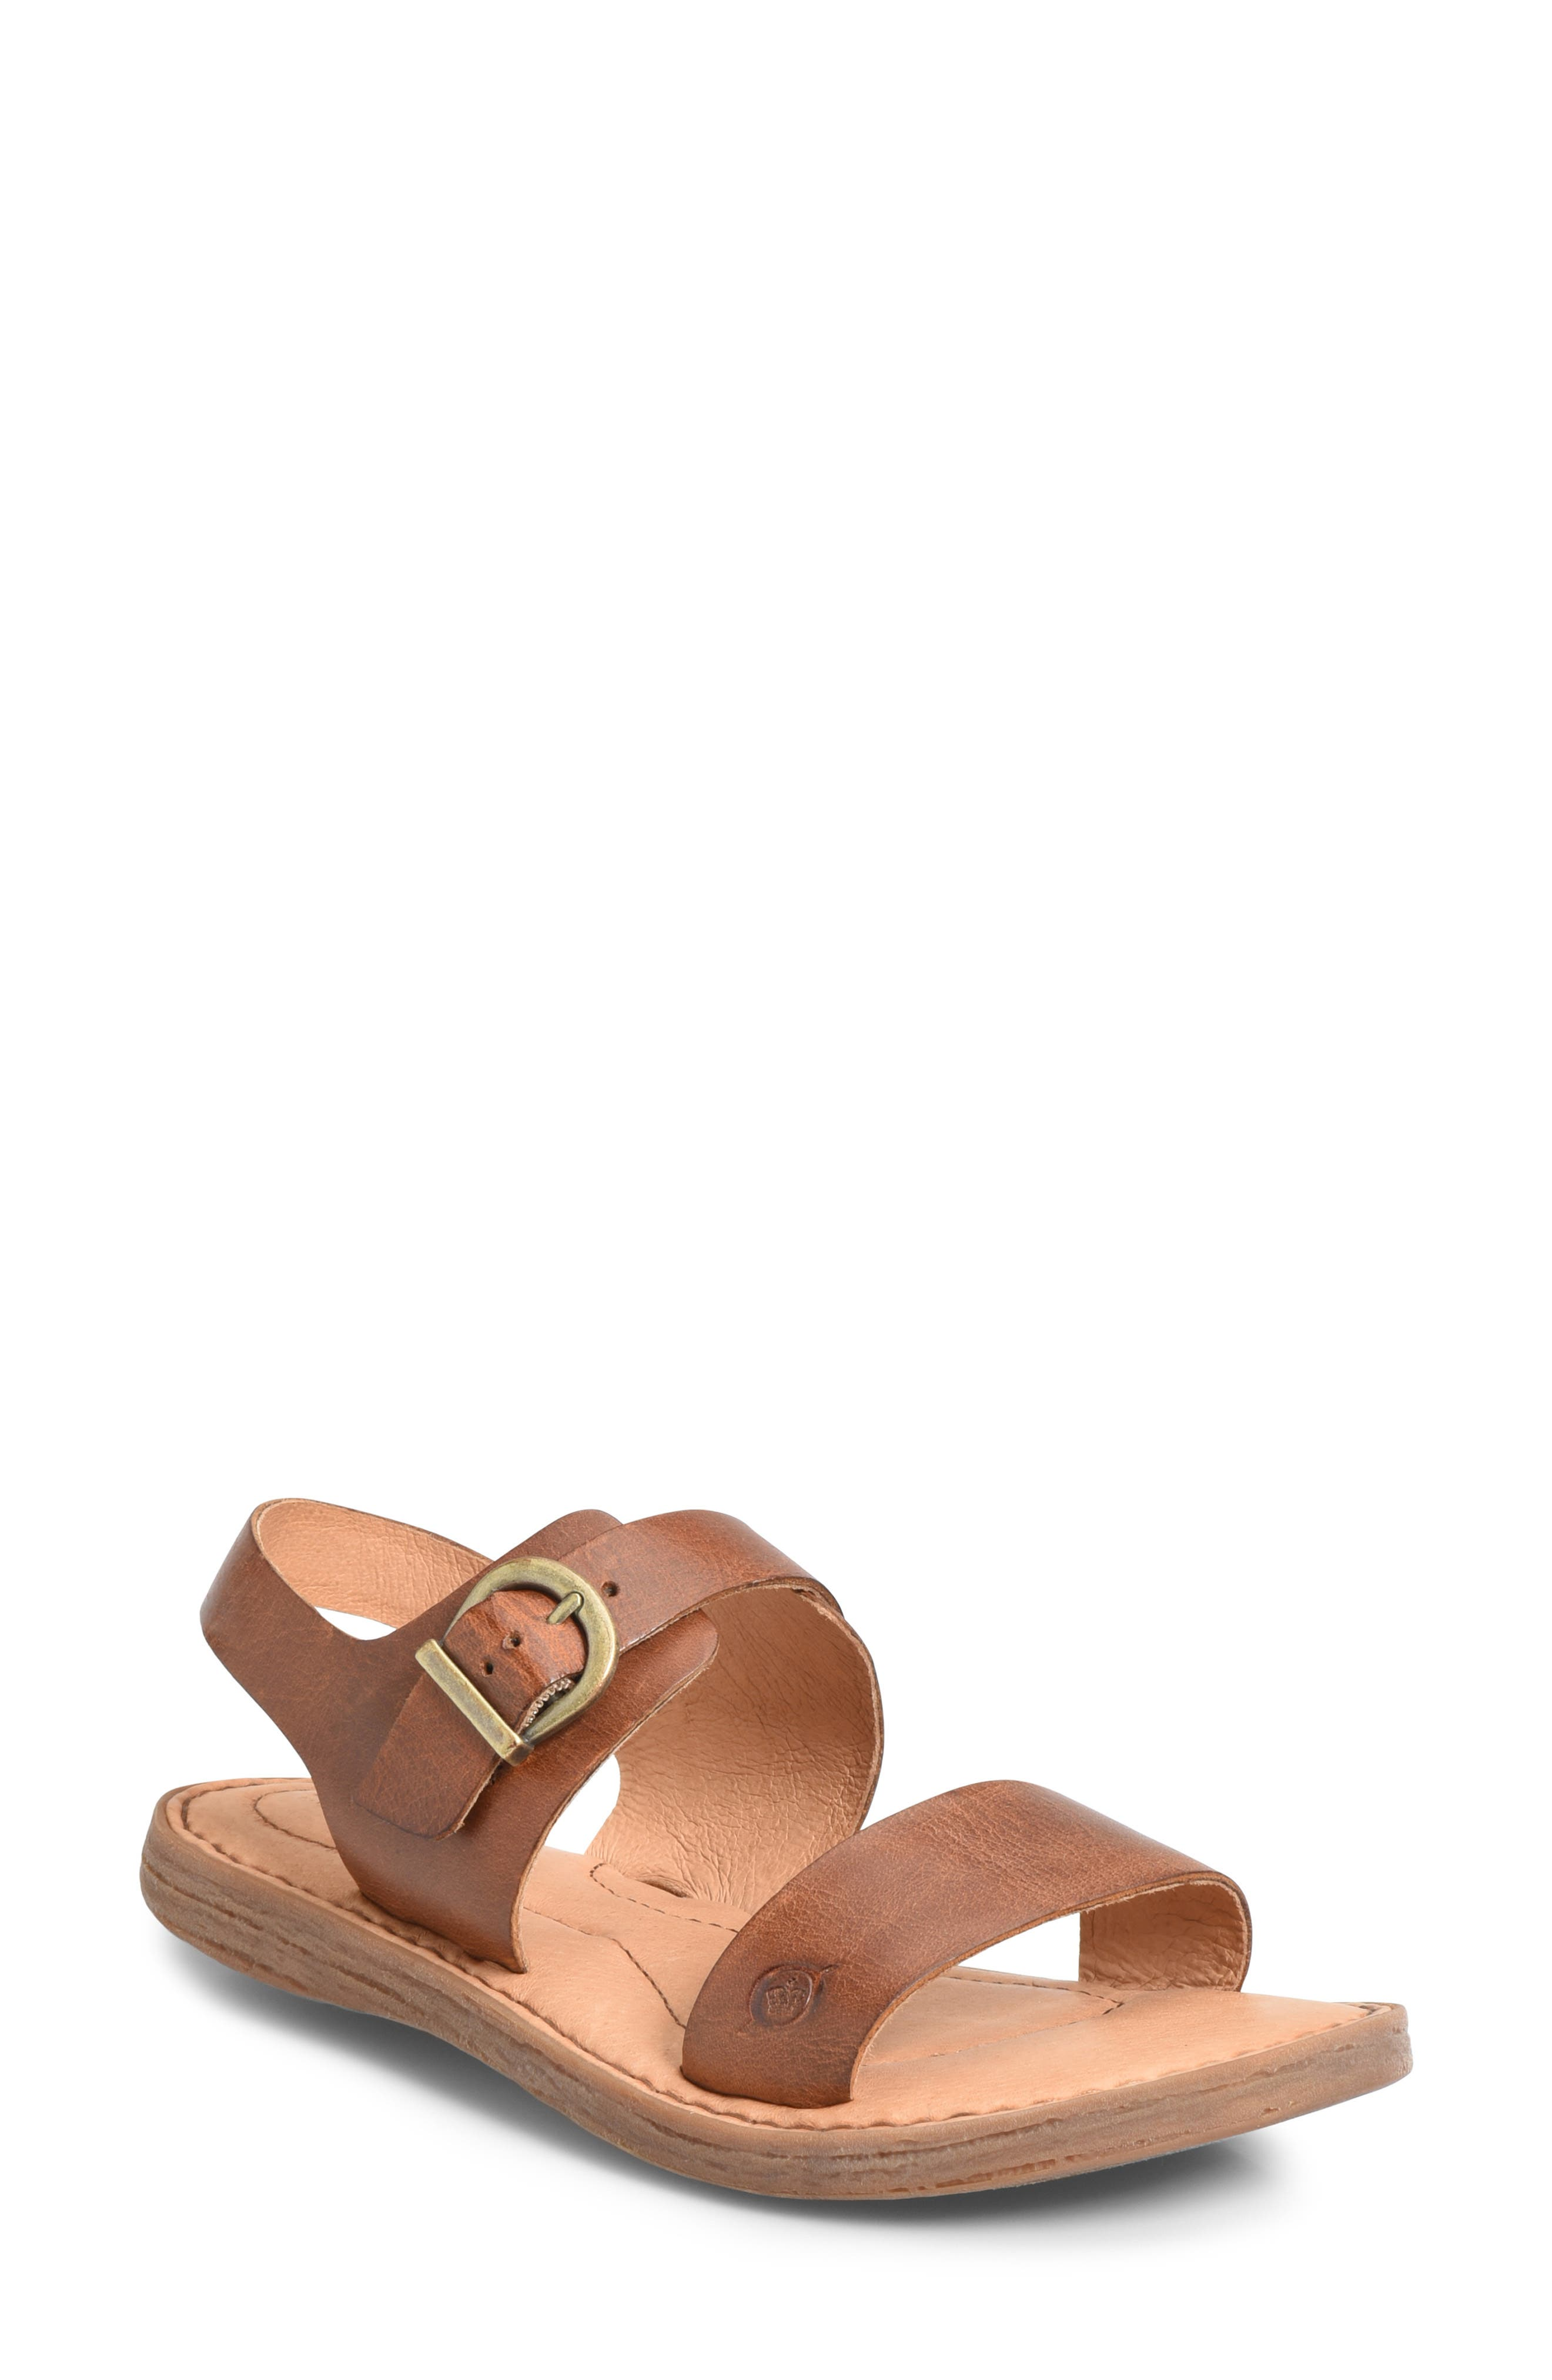 B?rn Selway Sandal, Brown